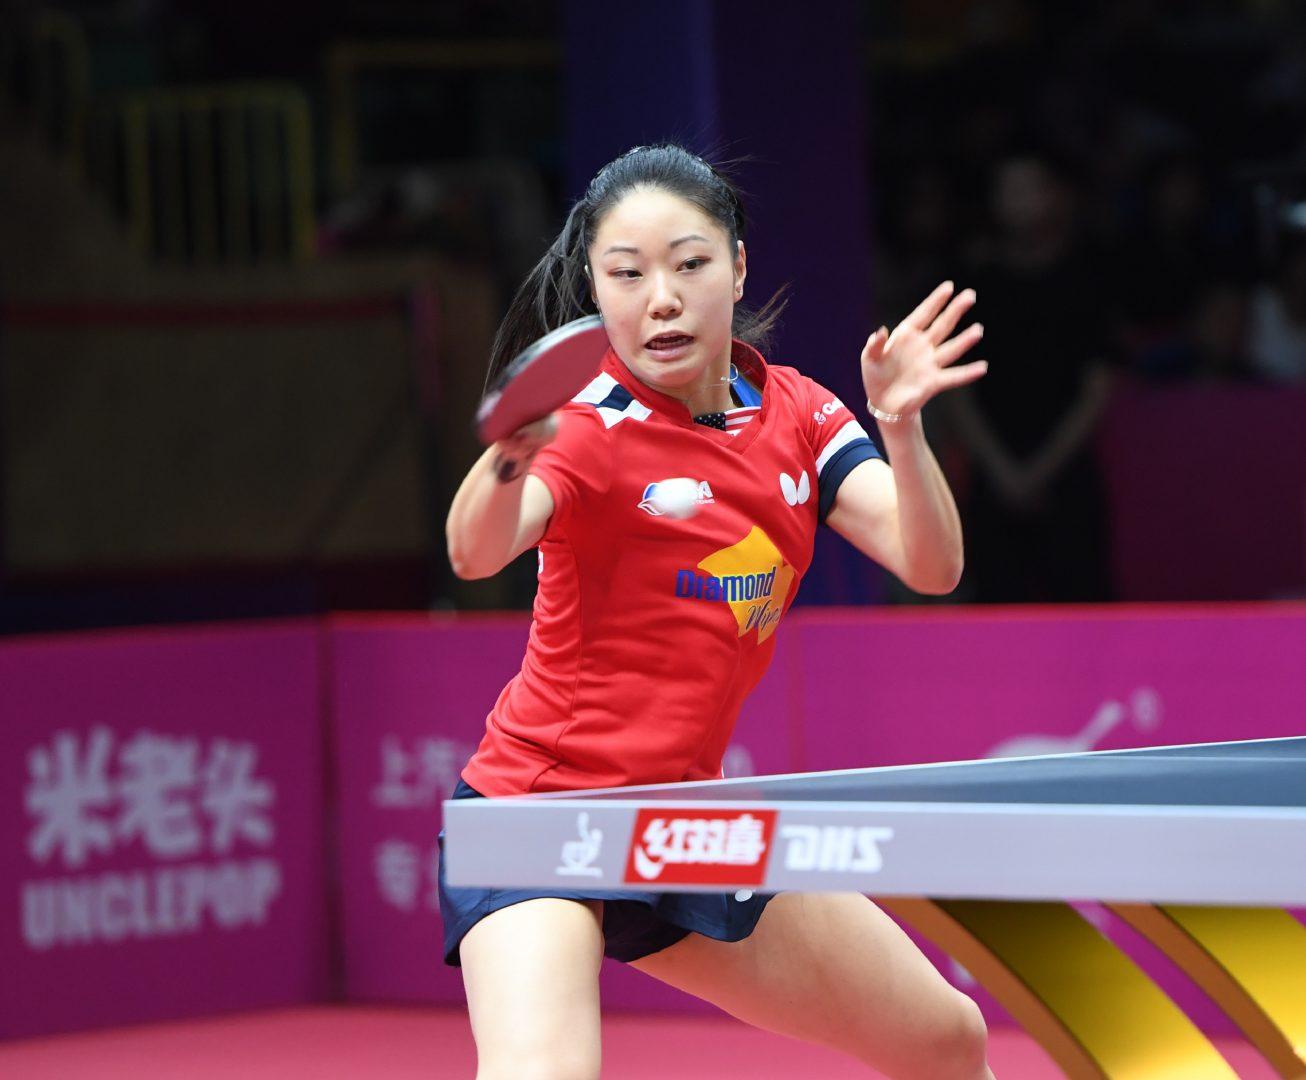 平野下したチャン・リリーがベスト4 中国の牙城崩せるか<卓球・2019女子ワールドカップ3日目見どころ>